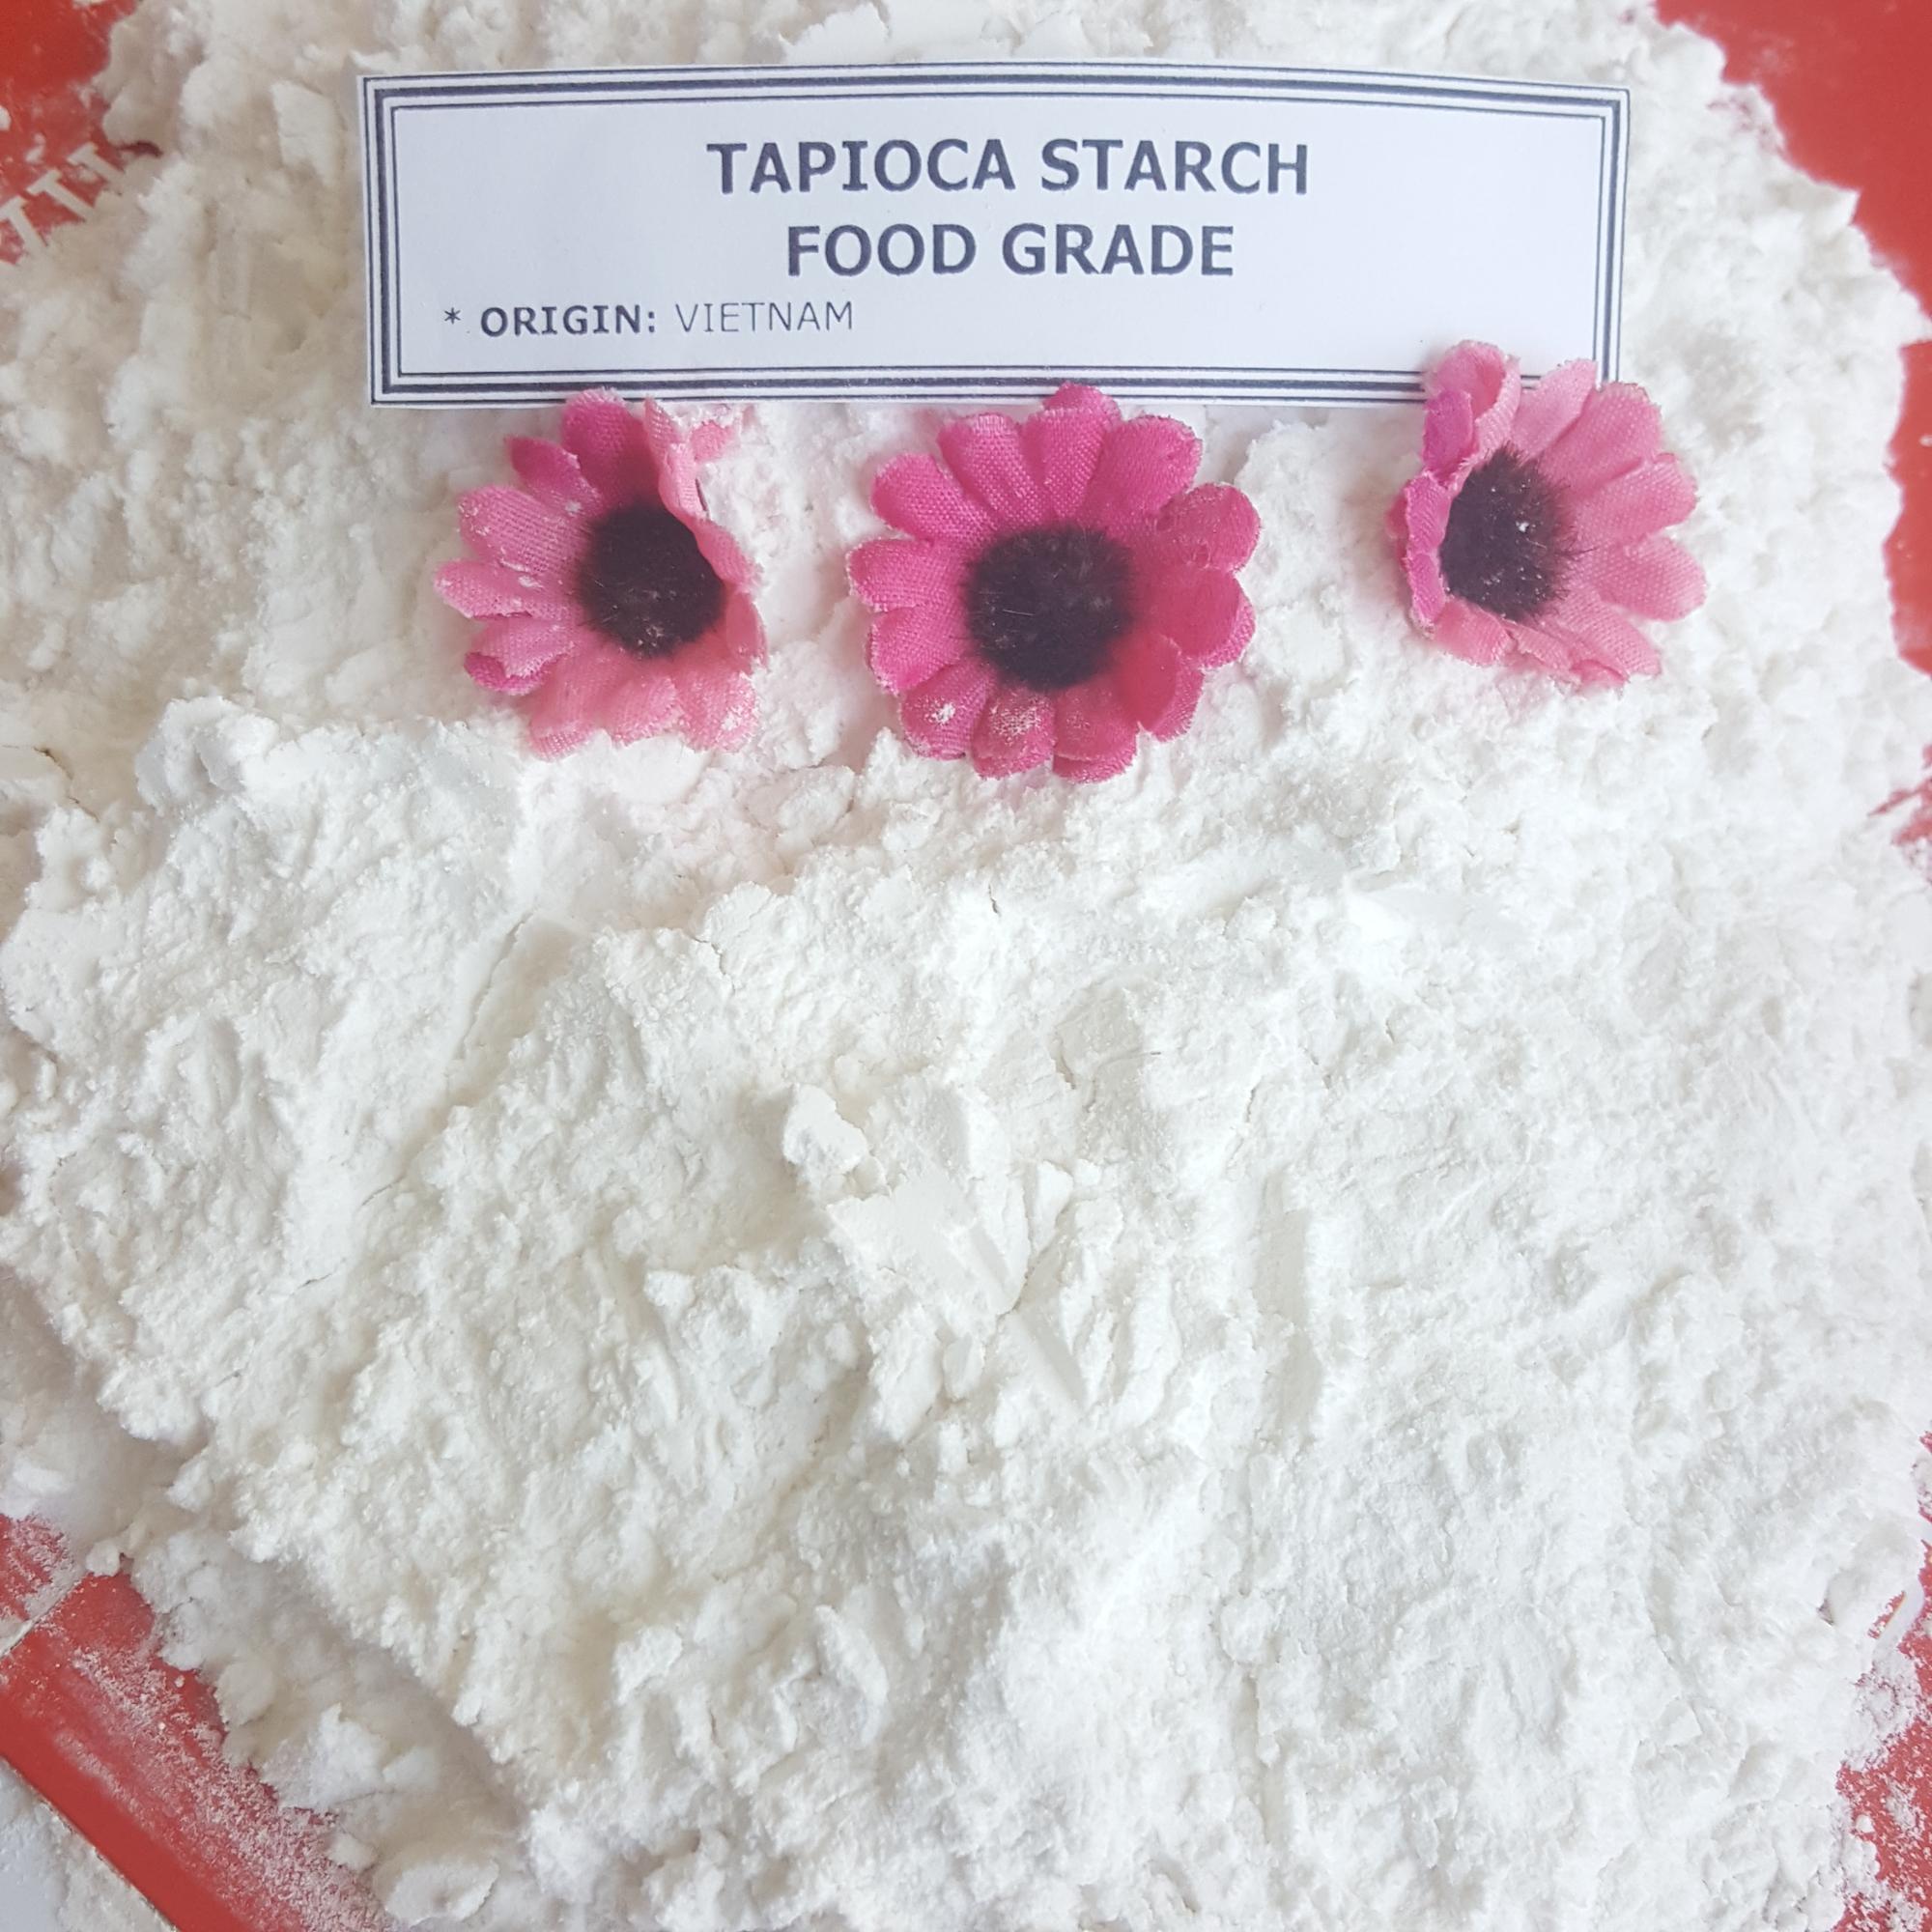 Vietnamese Tapioca Starch/ Cassava Starch/ Manioca Starch Best Price From Manufacturer +84765149122